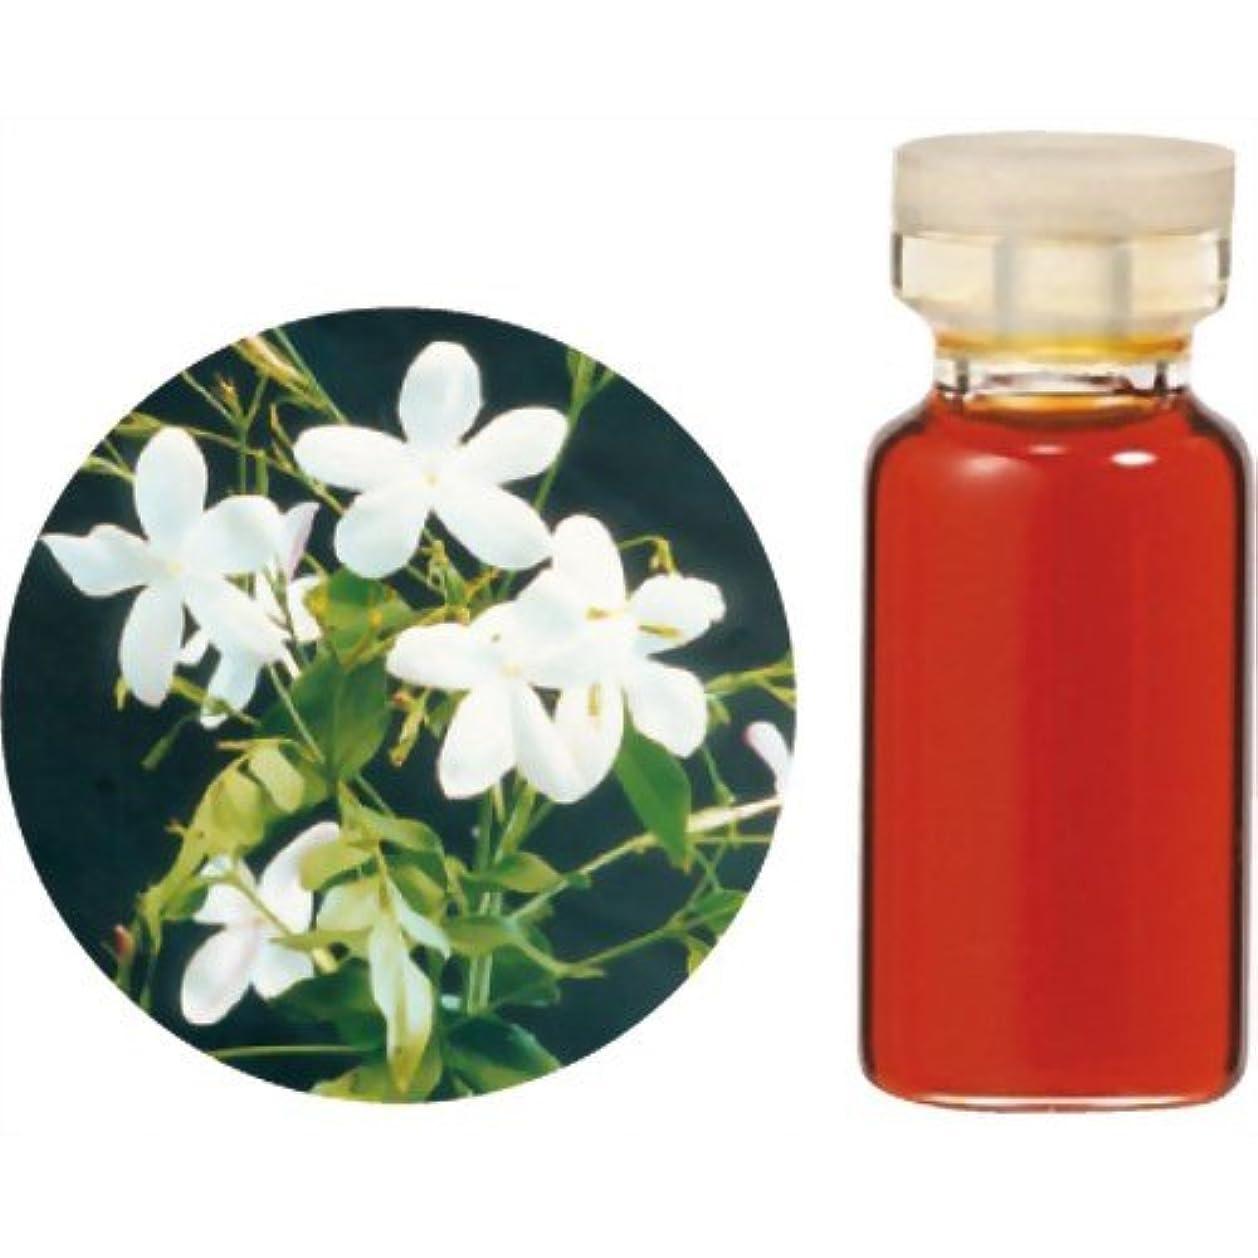 ディーラードロップベーシック生活の木 C 花精油 ジャスミン アブソリュート エッセンシャルオイル 3ml